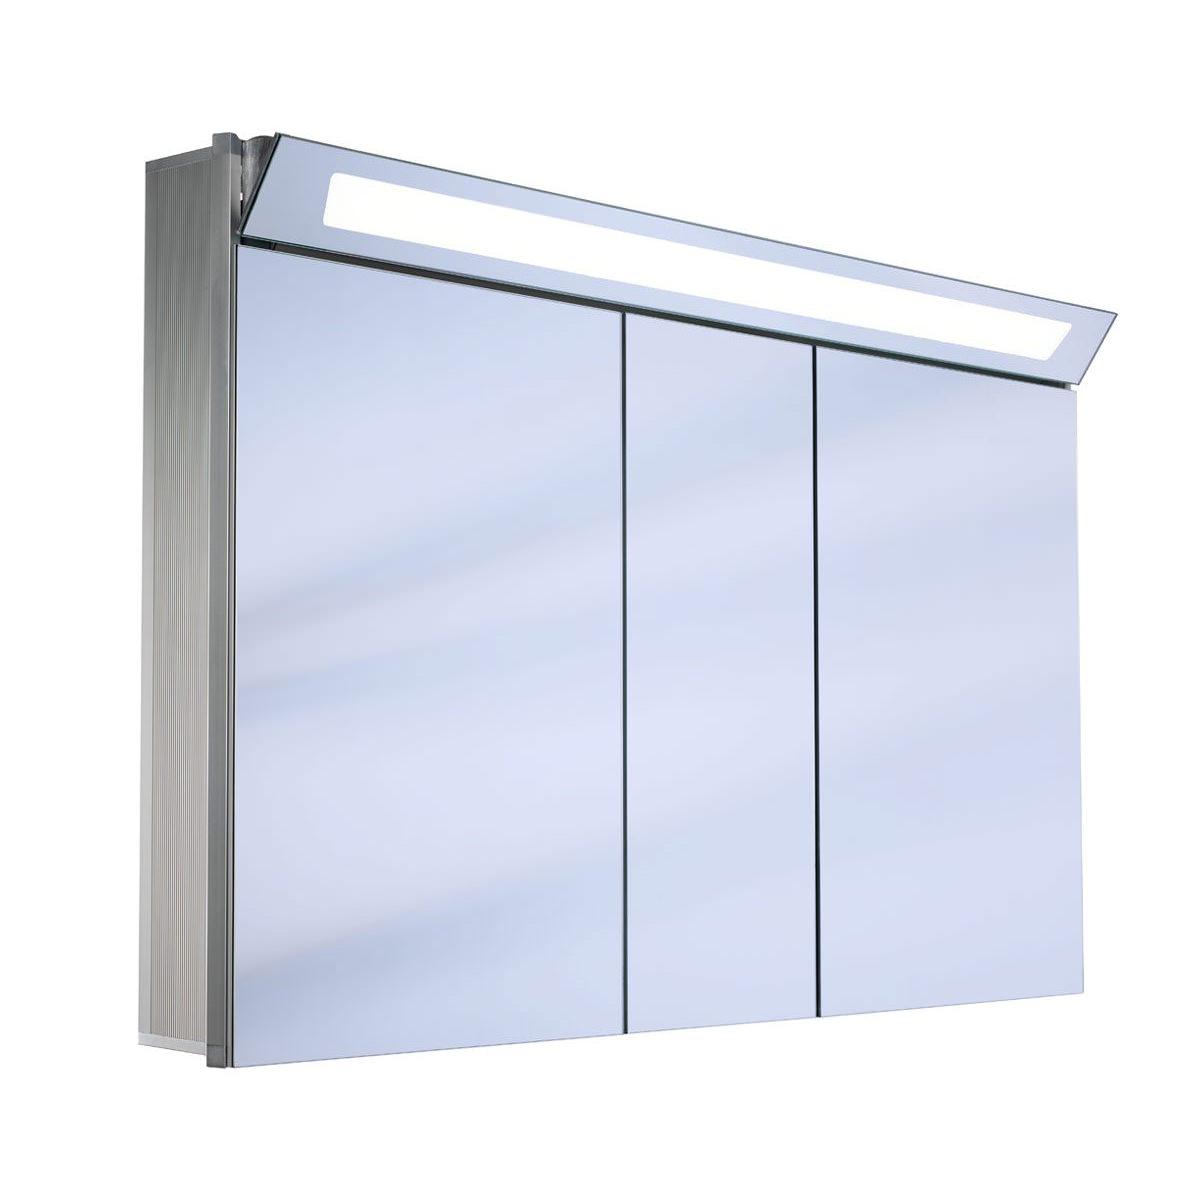 Schneider Capeline 3 Door Illuminated Mirror Cabinet 1300mm